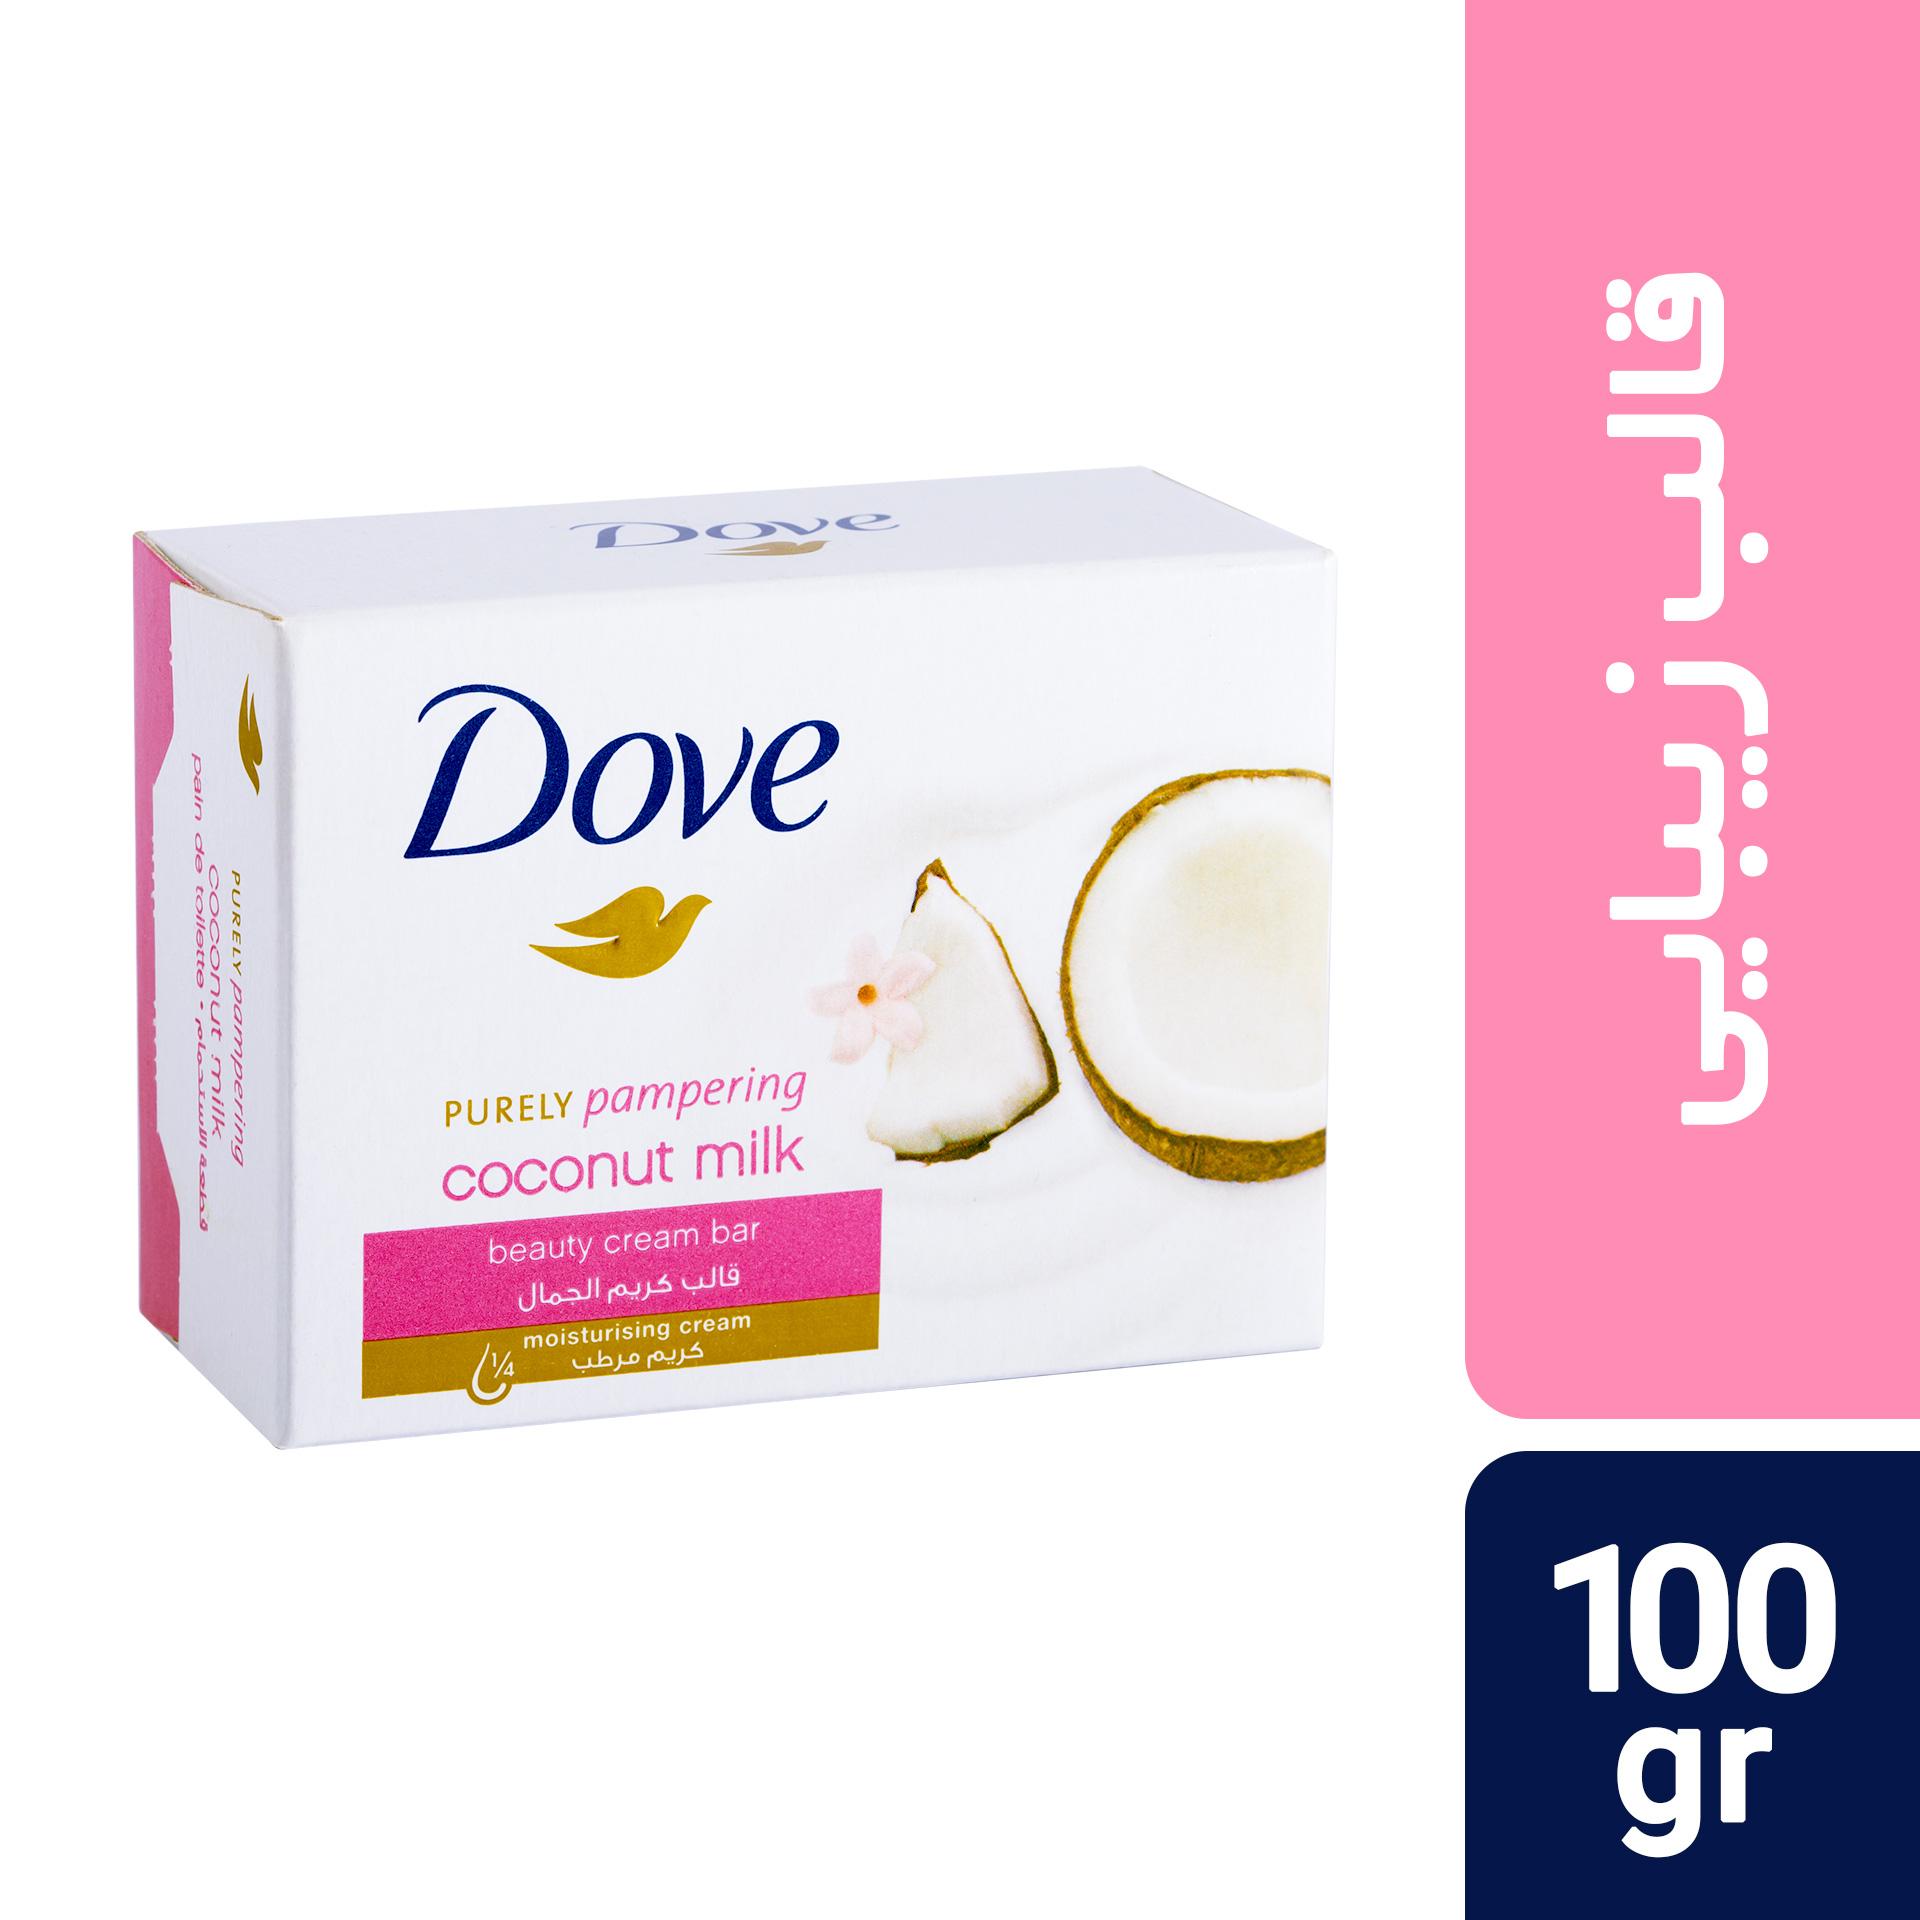 قیمت صابون داو مدل Coconut Milk مقدار 100 گرم